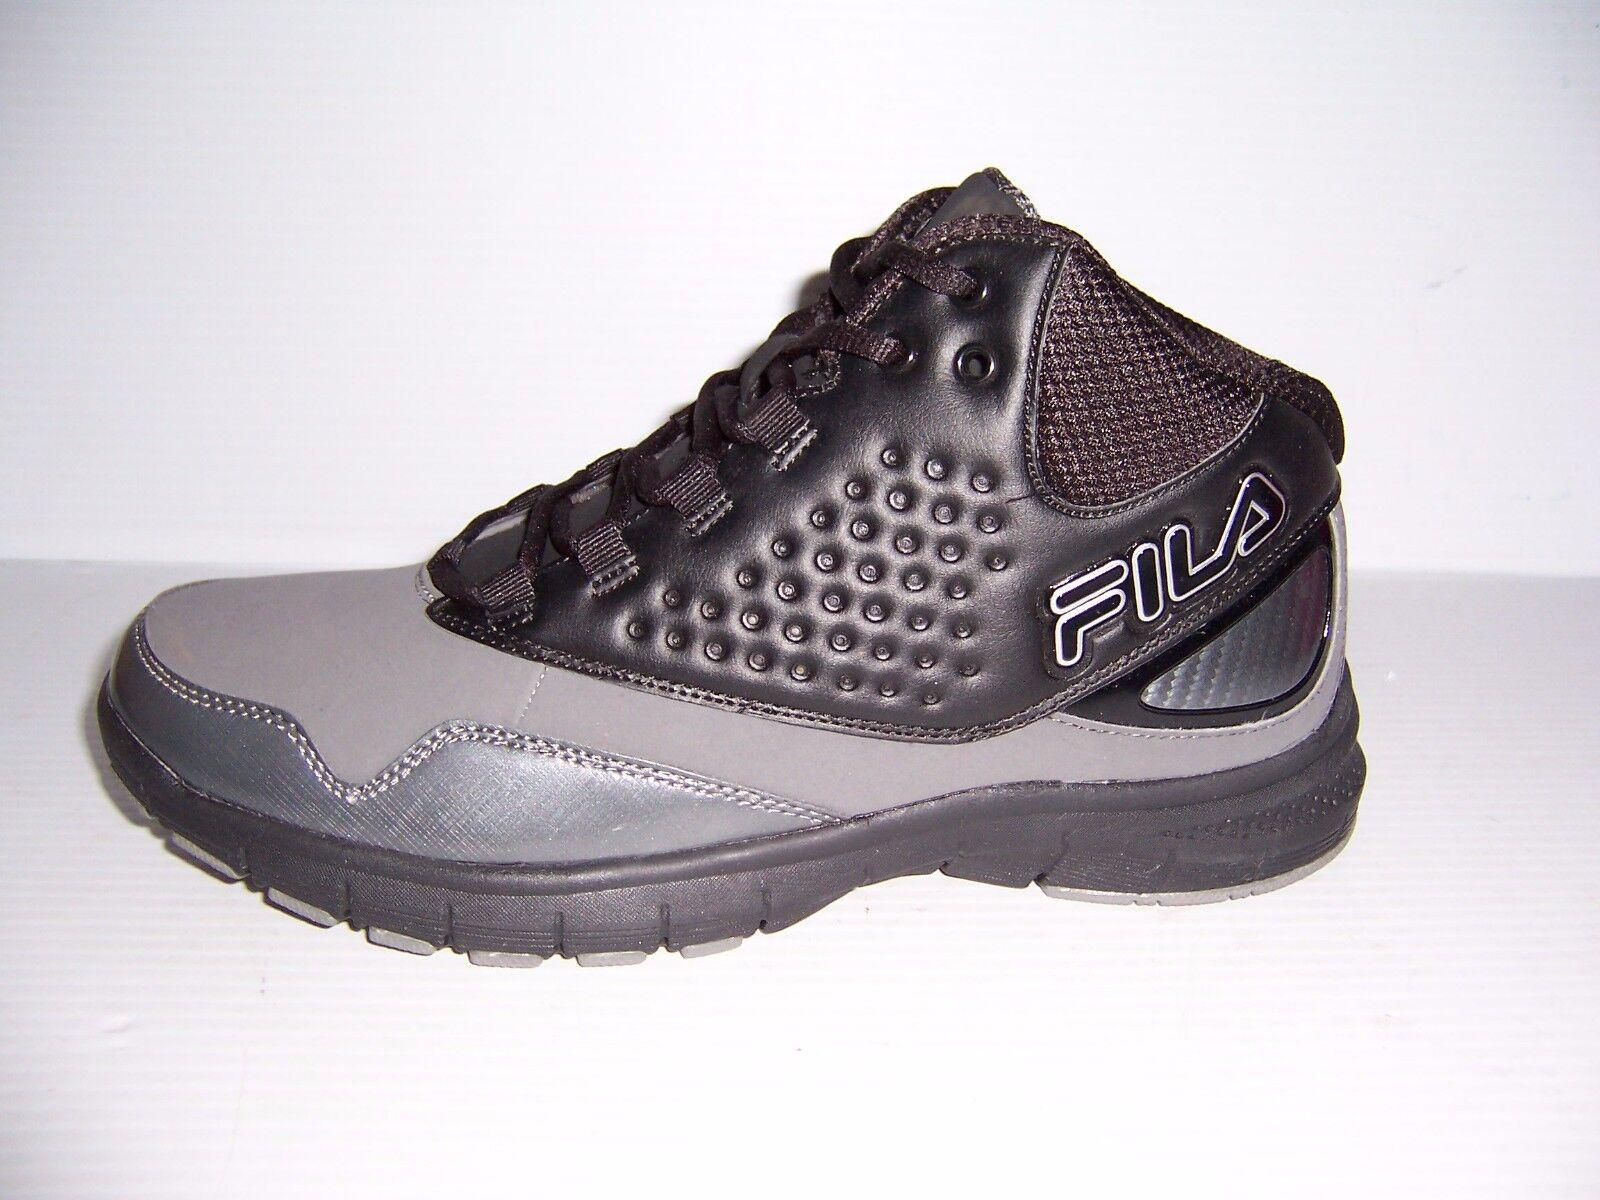 Quando l'aggressoregrigio e nero rim uomini alte diverse dimensioni nuove scarpe da basket